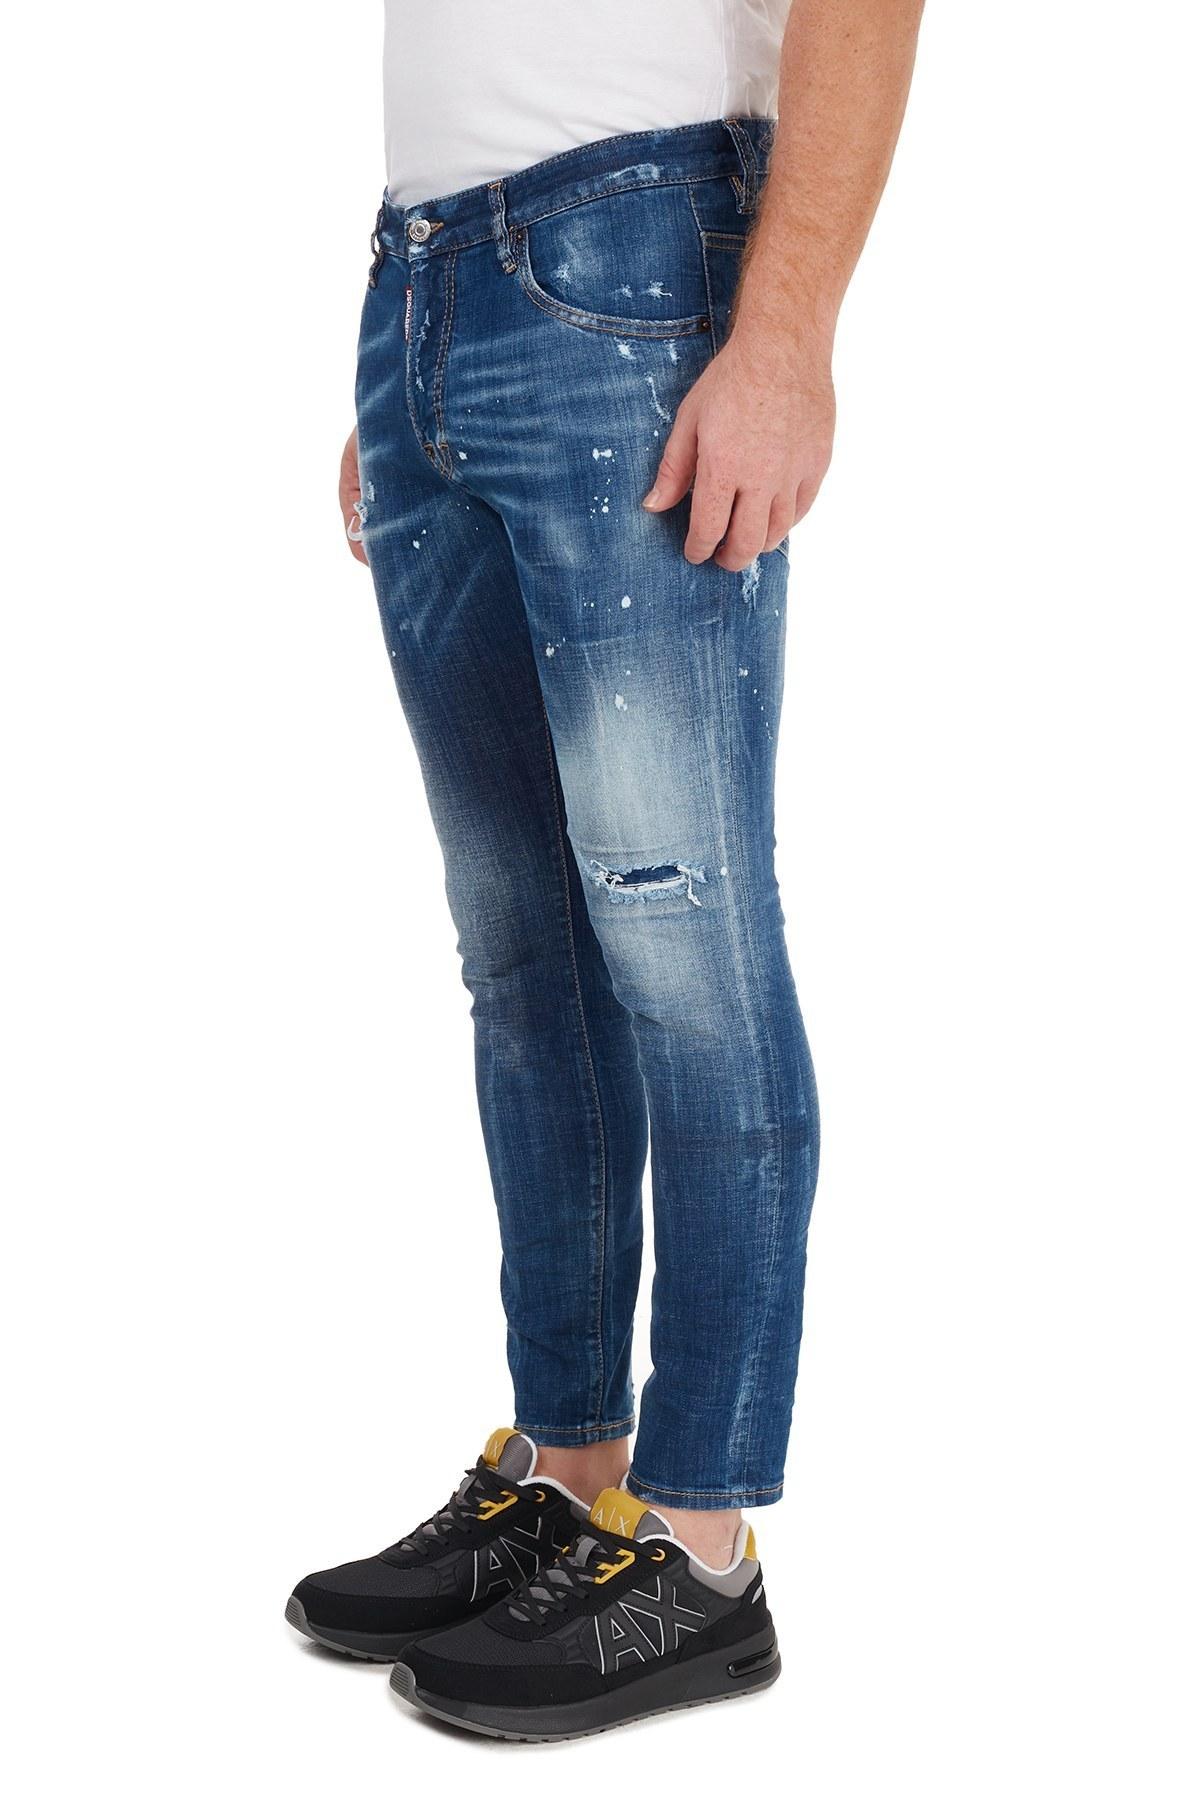 Dsquared2 Jeans Erkek Kot Pantolon S71LB0774 S30342 470 MAVİ